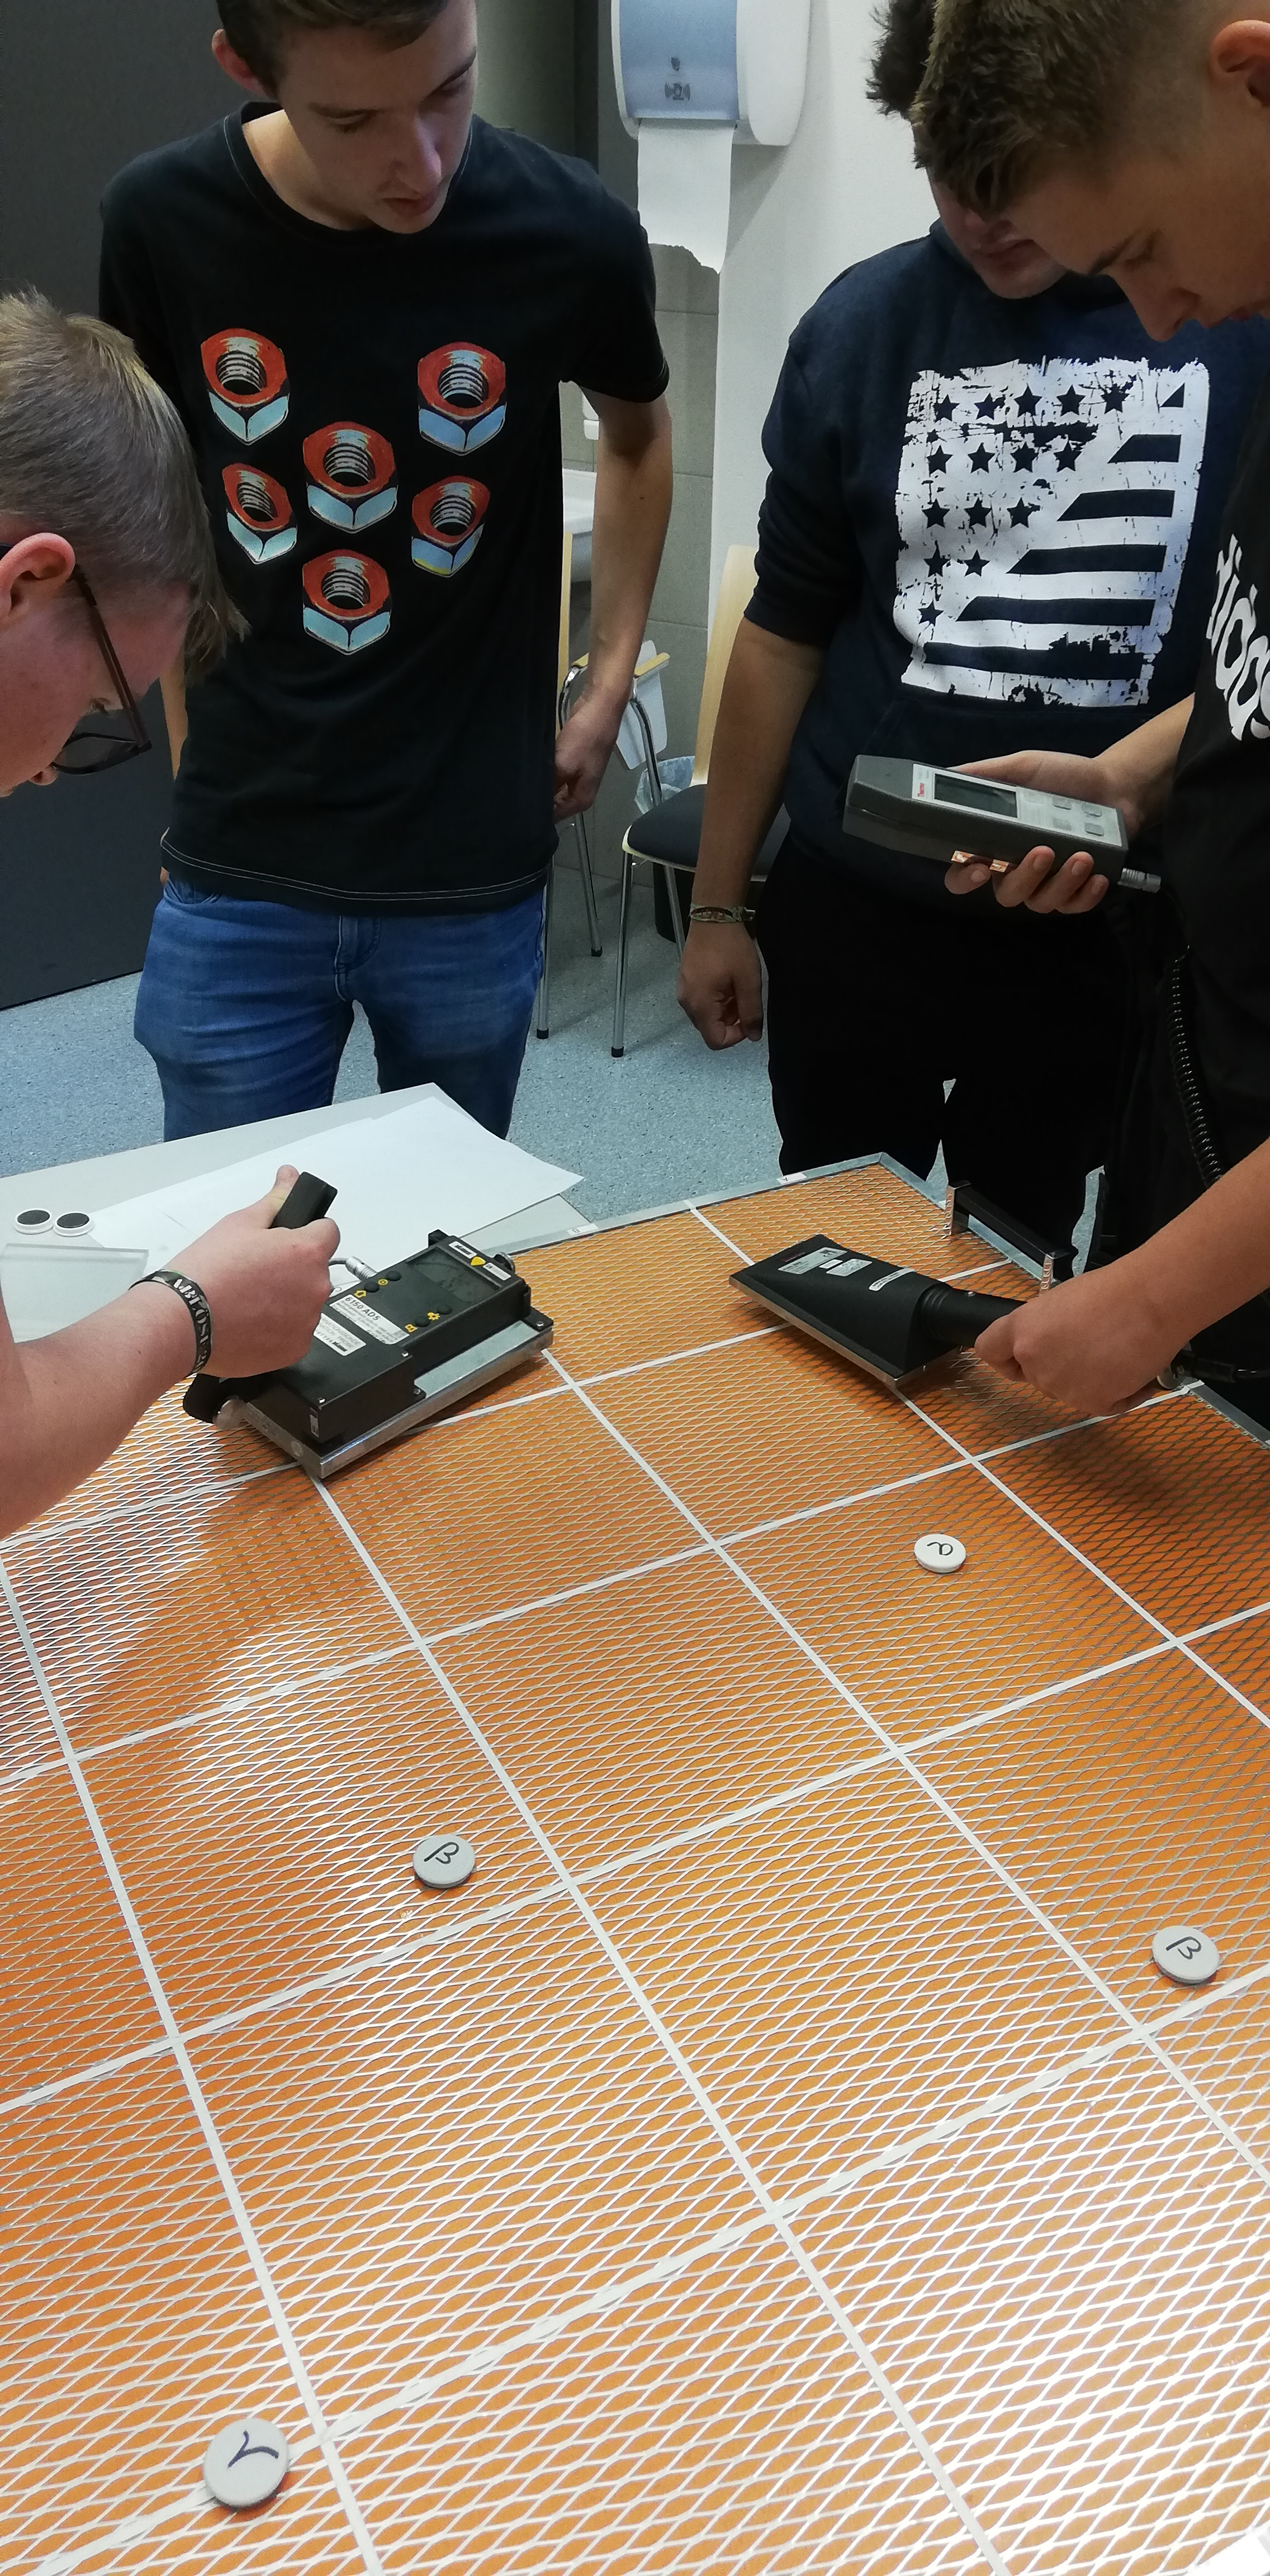 Feuerwehrschule Regensburg - Übung: Umgang mit Messgeräten